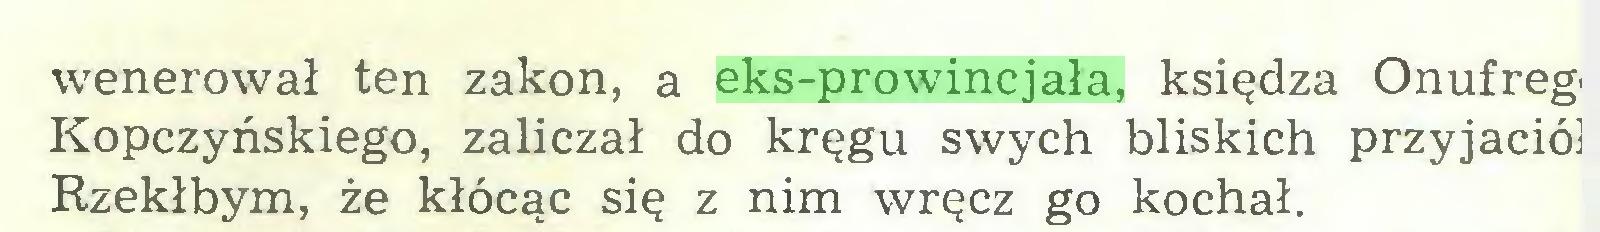 (...) wenerował ten zakon, a eks-prowincjała, księdza Onufrego Kopczyńskiego, zaliczał do kręgu swych bliskich przyjaciół Rzekłbym, że kłócąc się z nim wręcz go kochał...